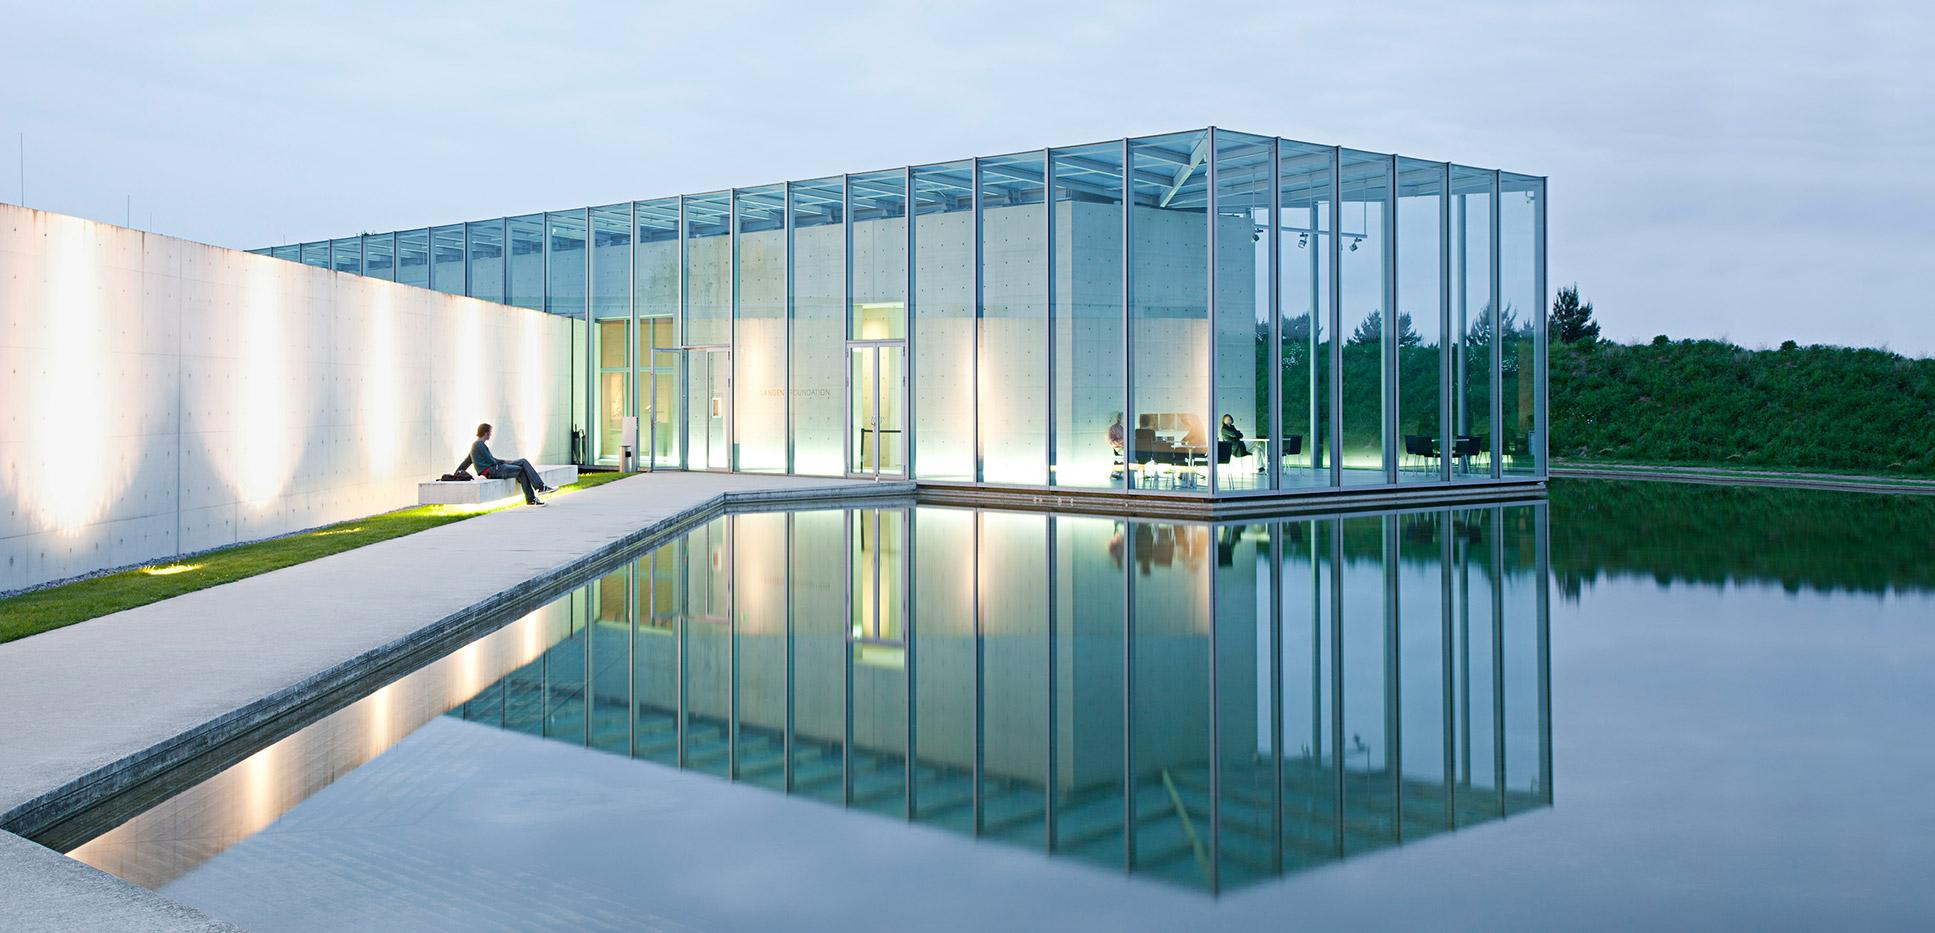 Architekten In Köln architekturfotograf aus köln nrw interieurfoto immobilienfotografie